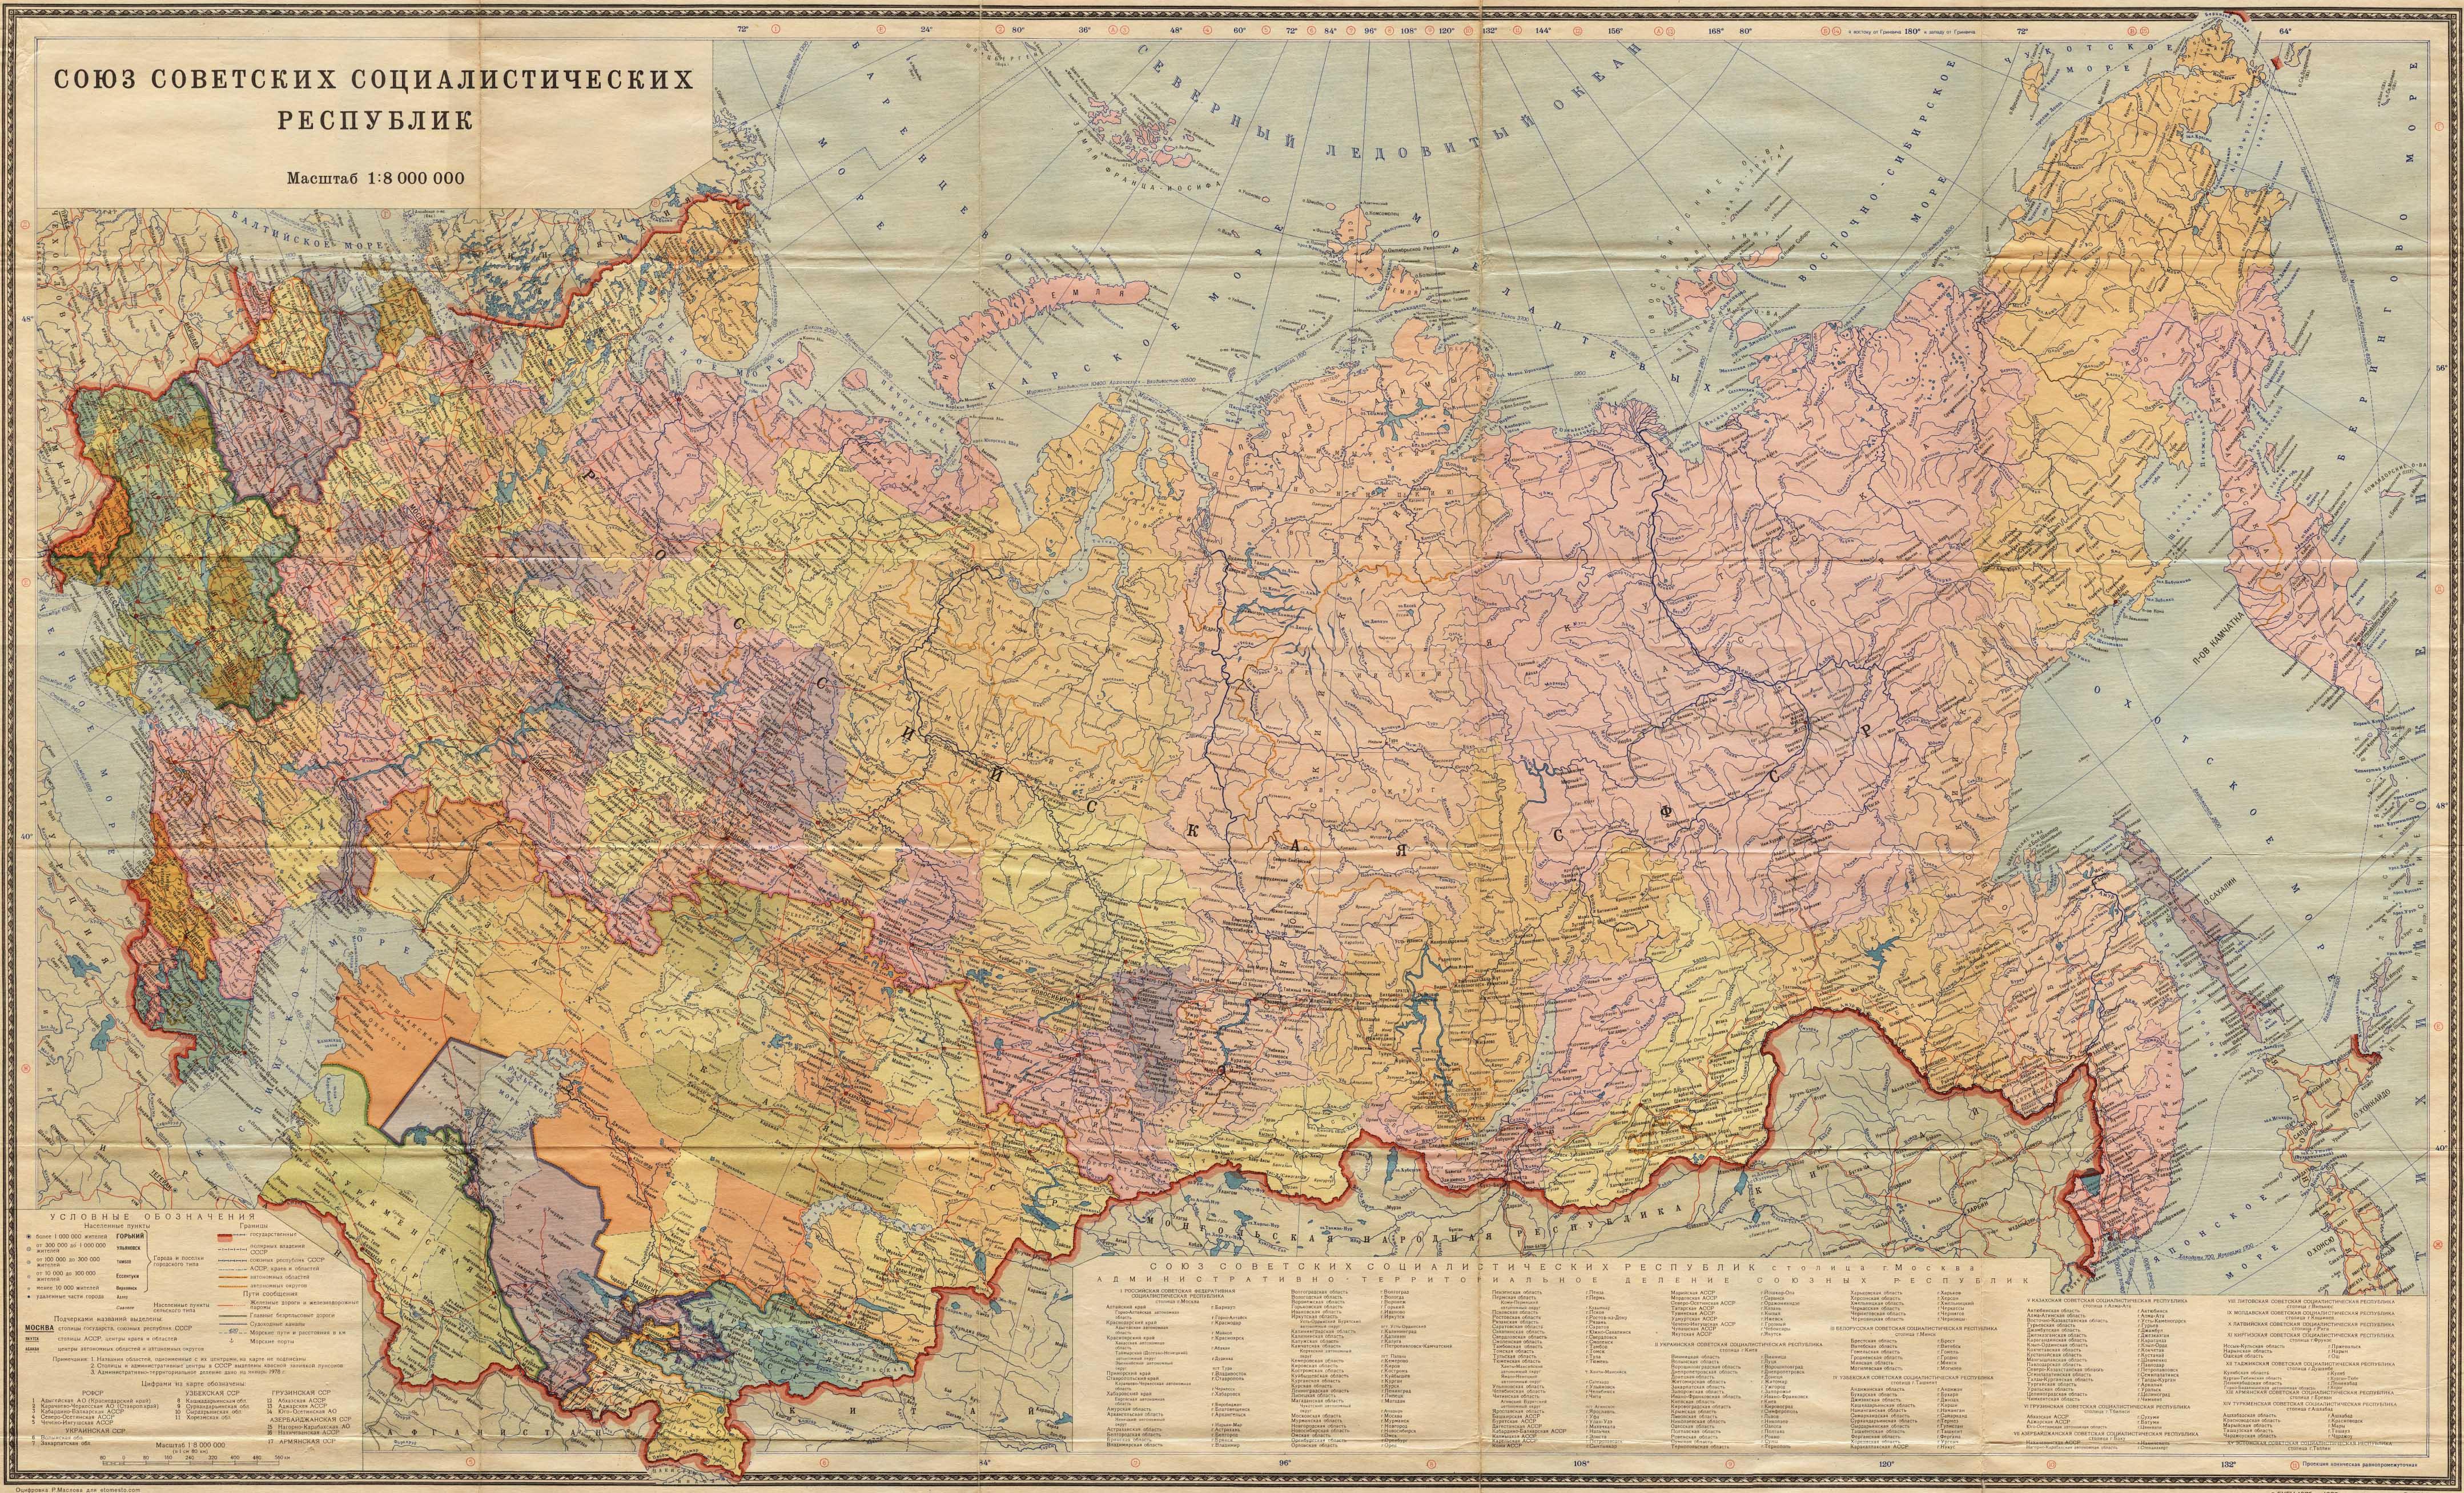 Большая настенная карта СССР 1978 года издания в большом формате с высоким разрешением